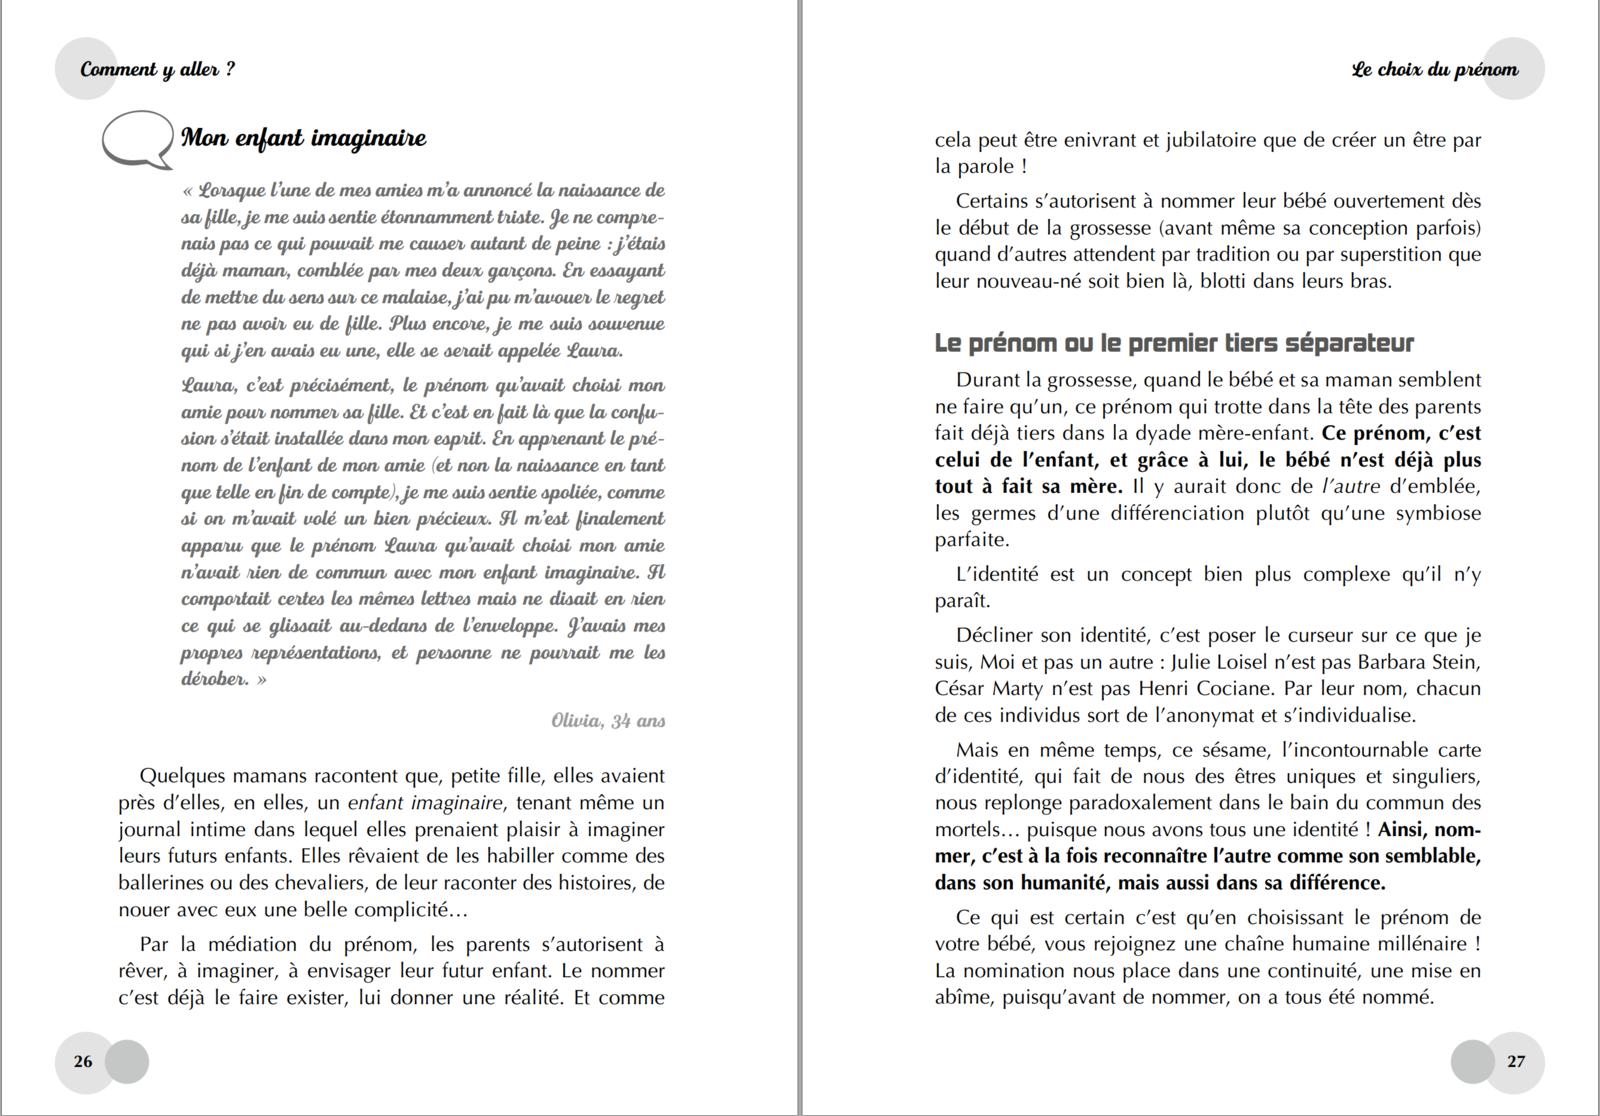 """Extrait du livre """"BÉBÉ DIS-MOI TOUT!"""" publié aux éditions LEDUC"""